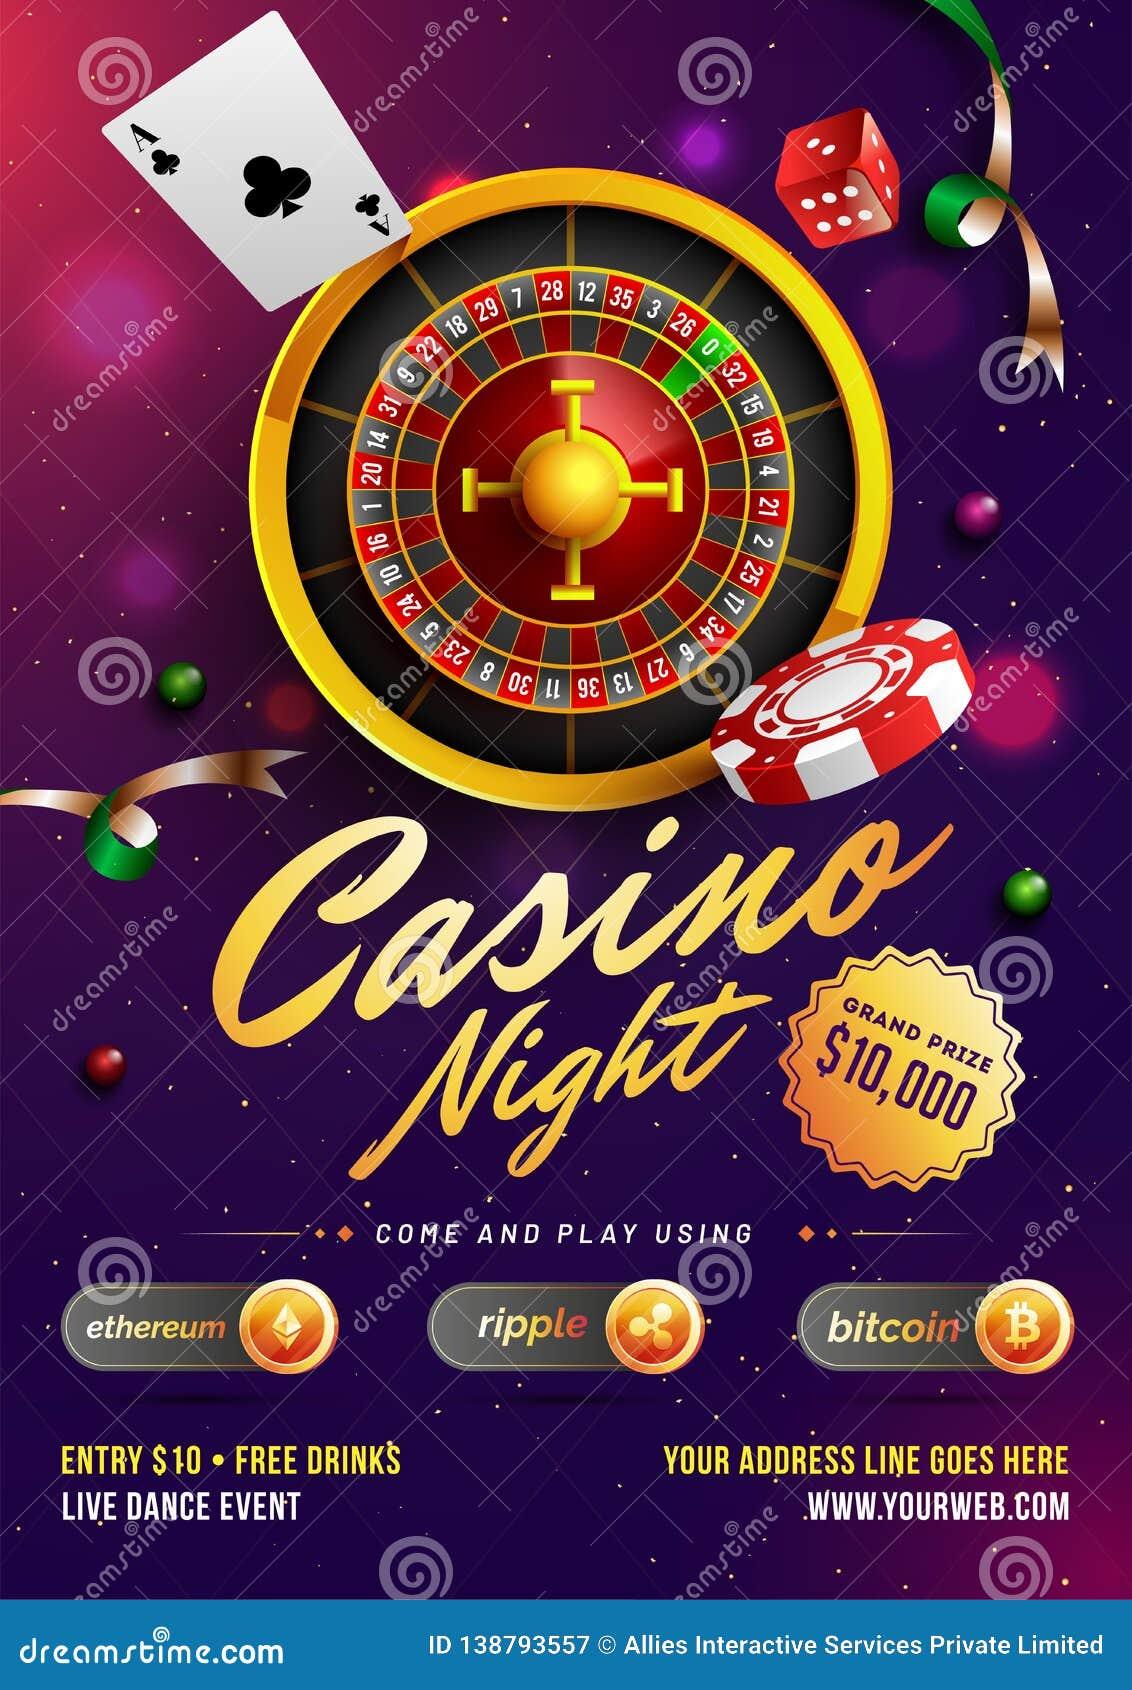 赌博娱乐场夜模板或飞行物设计与现实轮盘赌的赌轮和赌博娱乐场元素